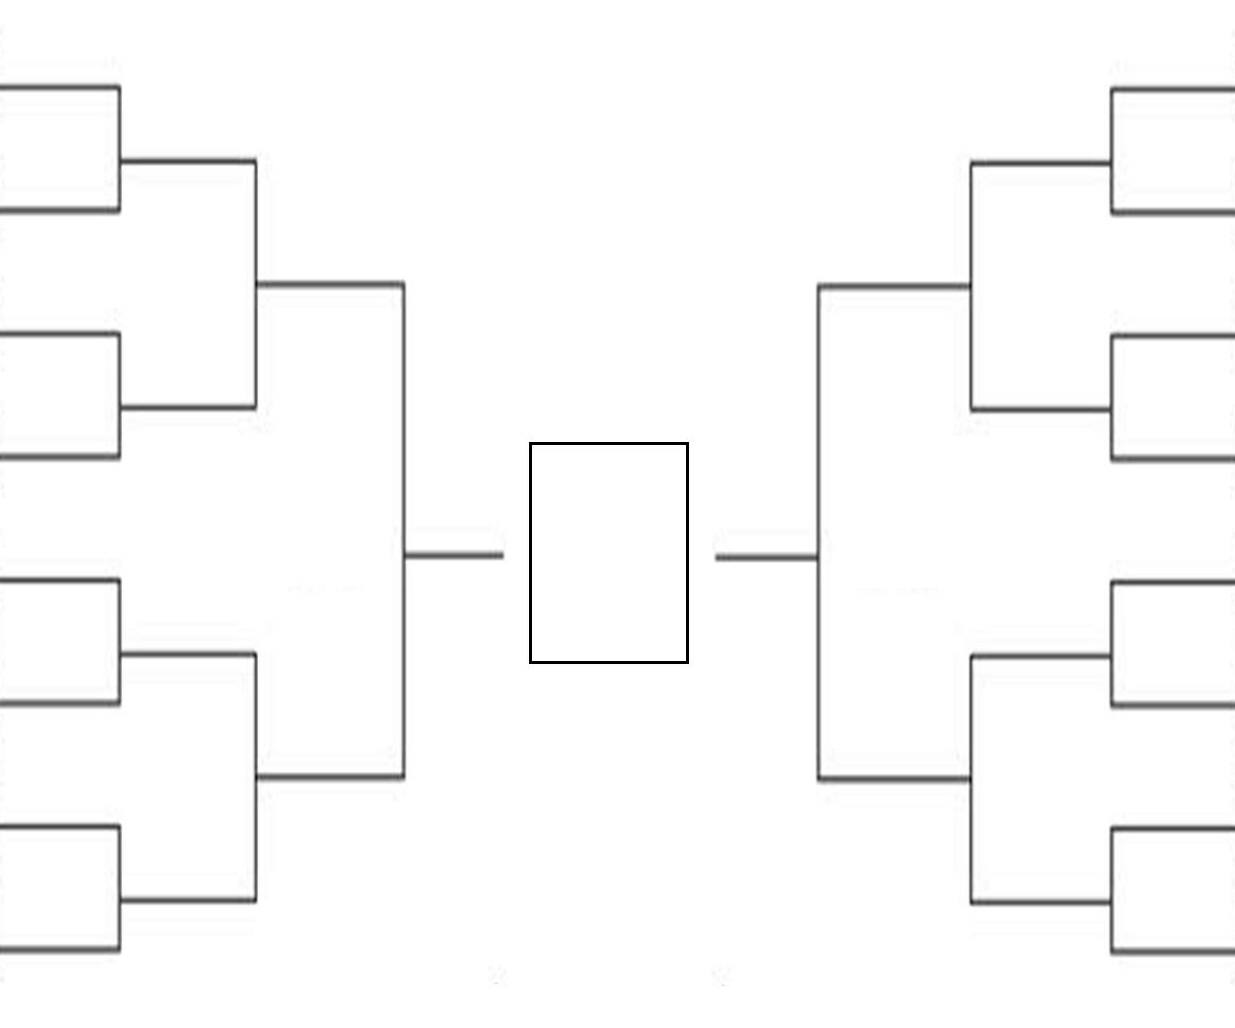 Tournament slot games